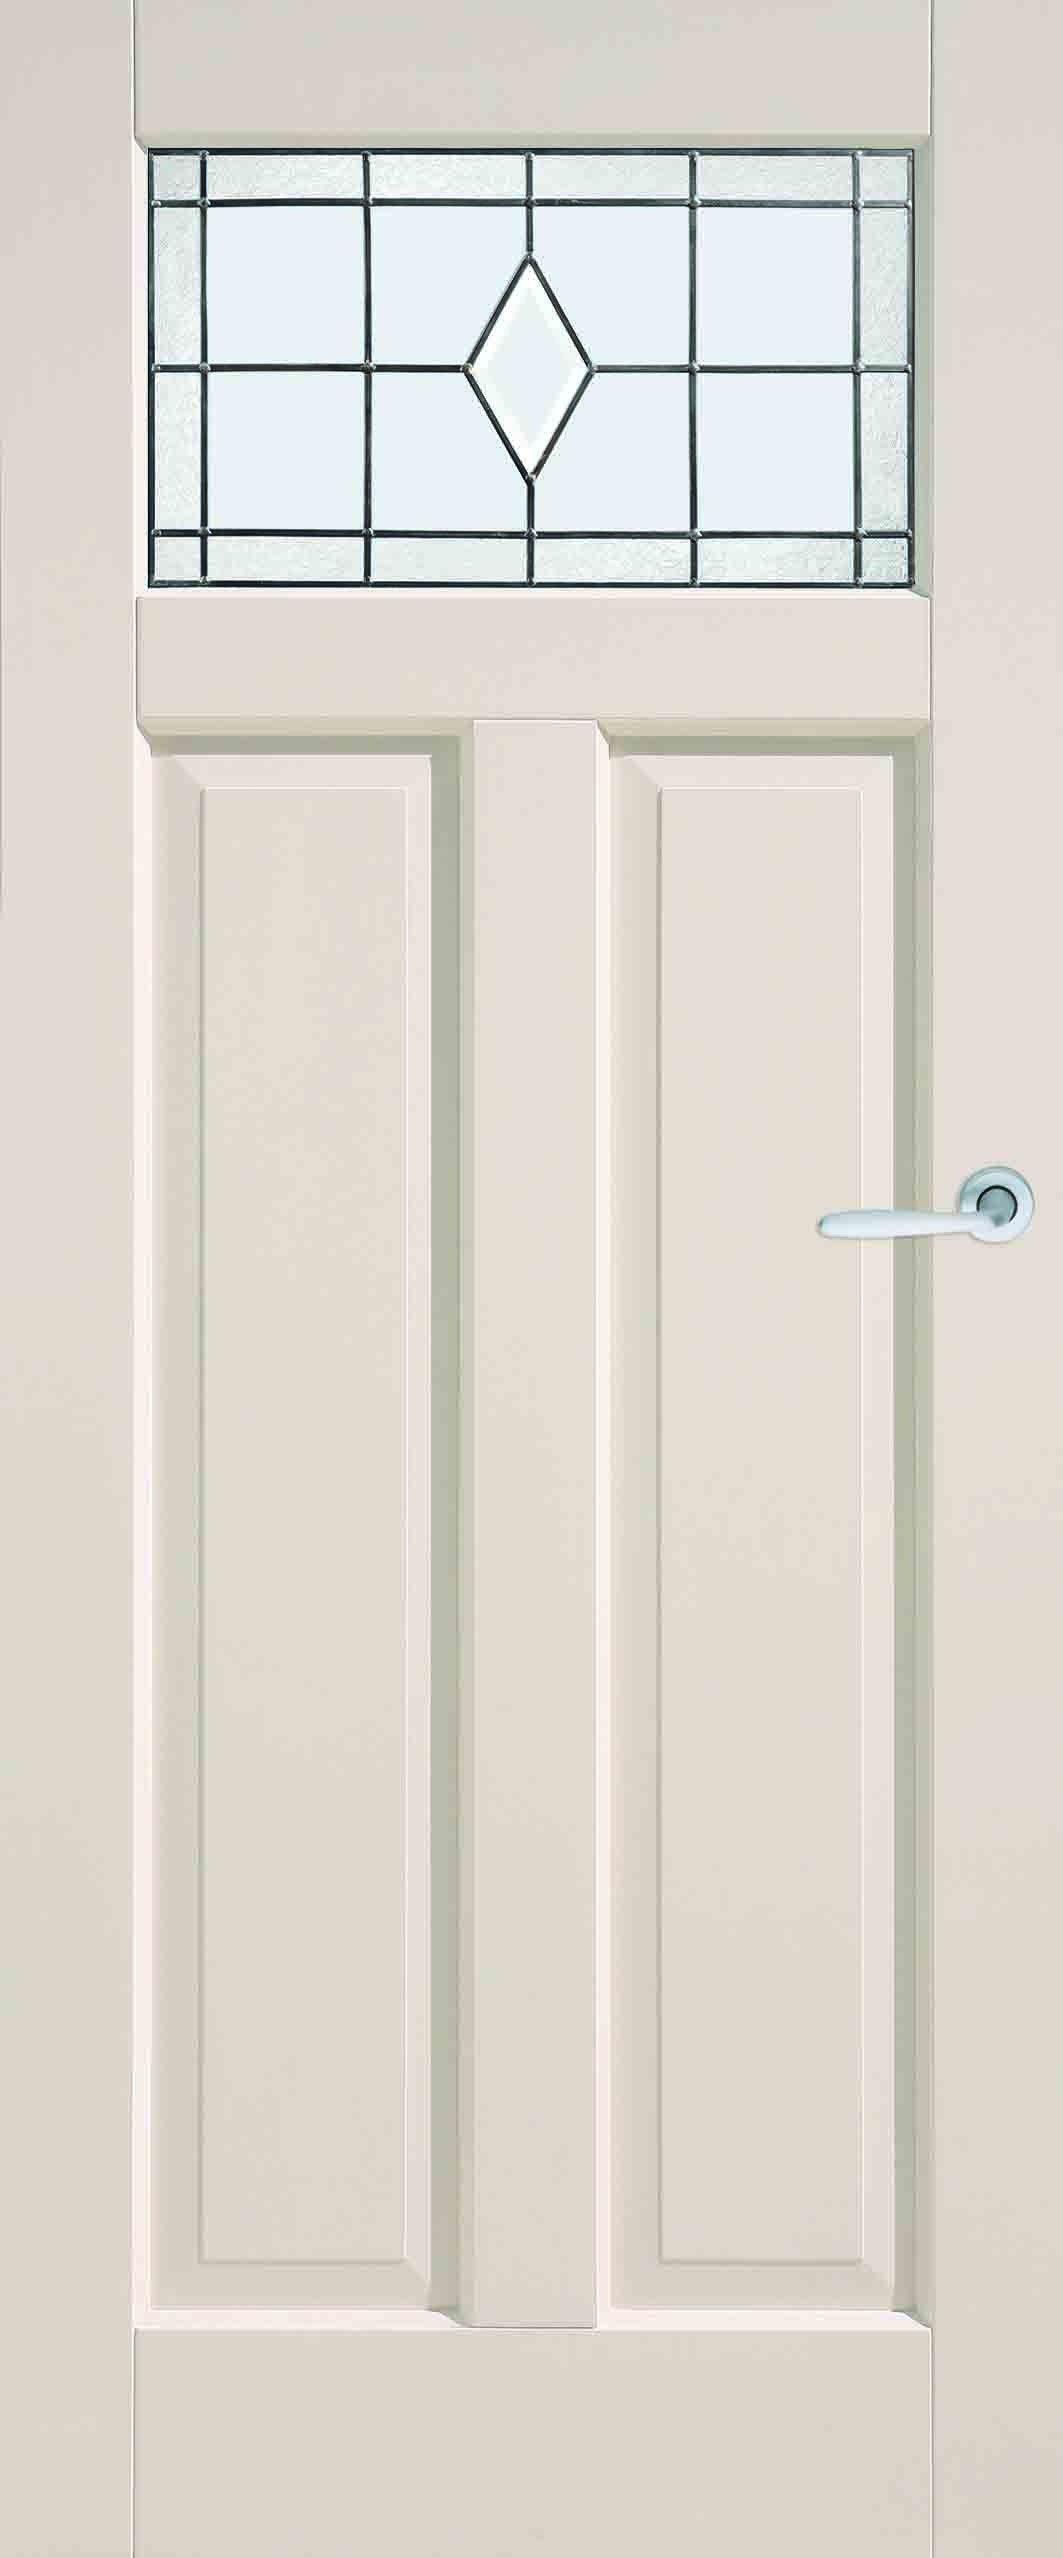 Binnendeur Met Glas.Binnendeur Glas In Lood Google Zoeken Binnendeur Glas